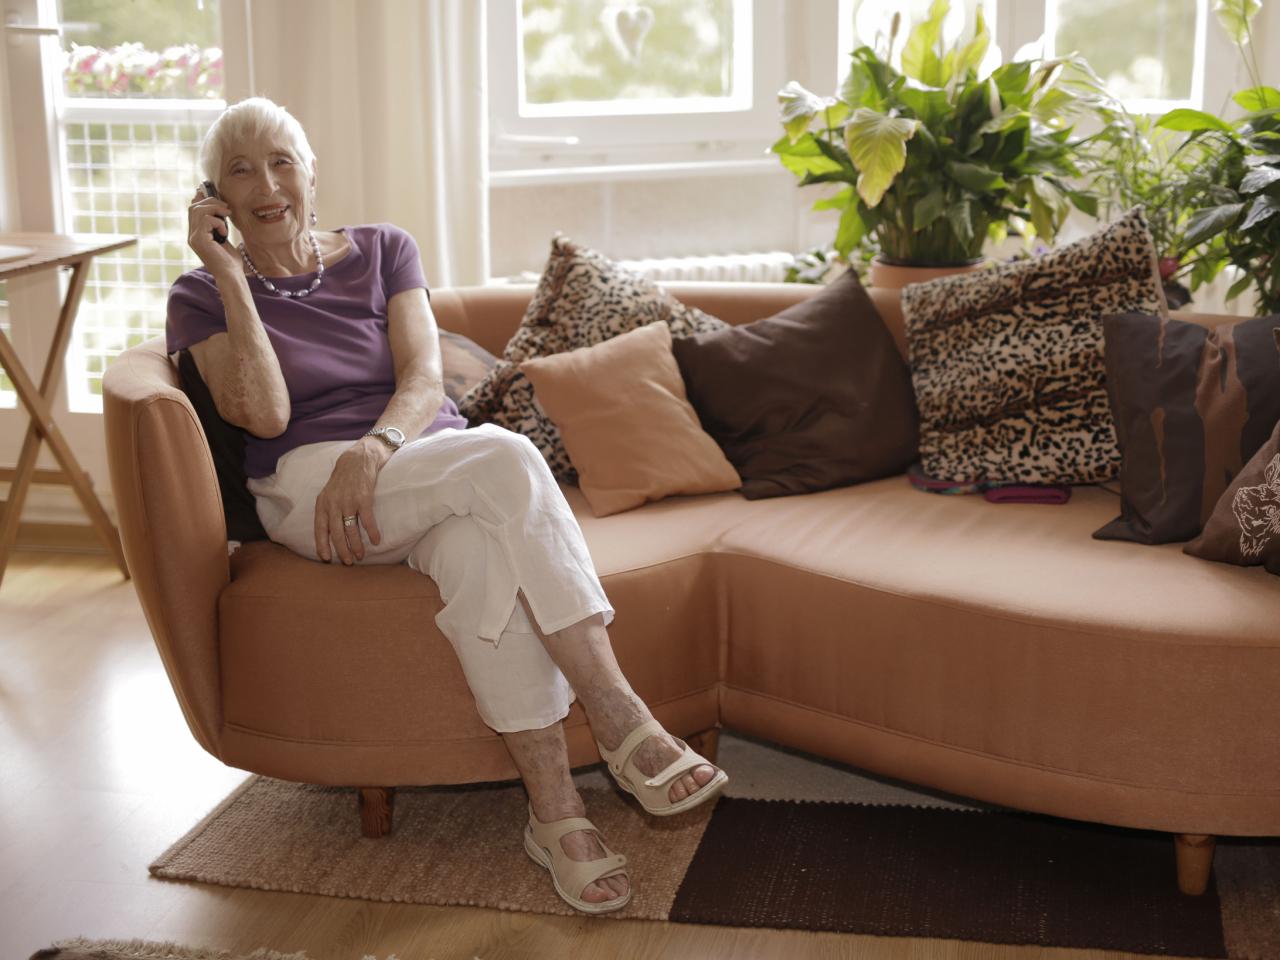 Frau sitzt auf Couch und telefoniert